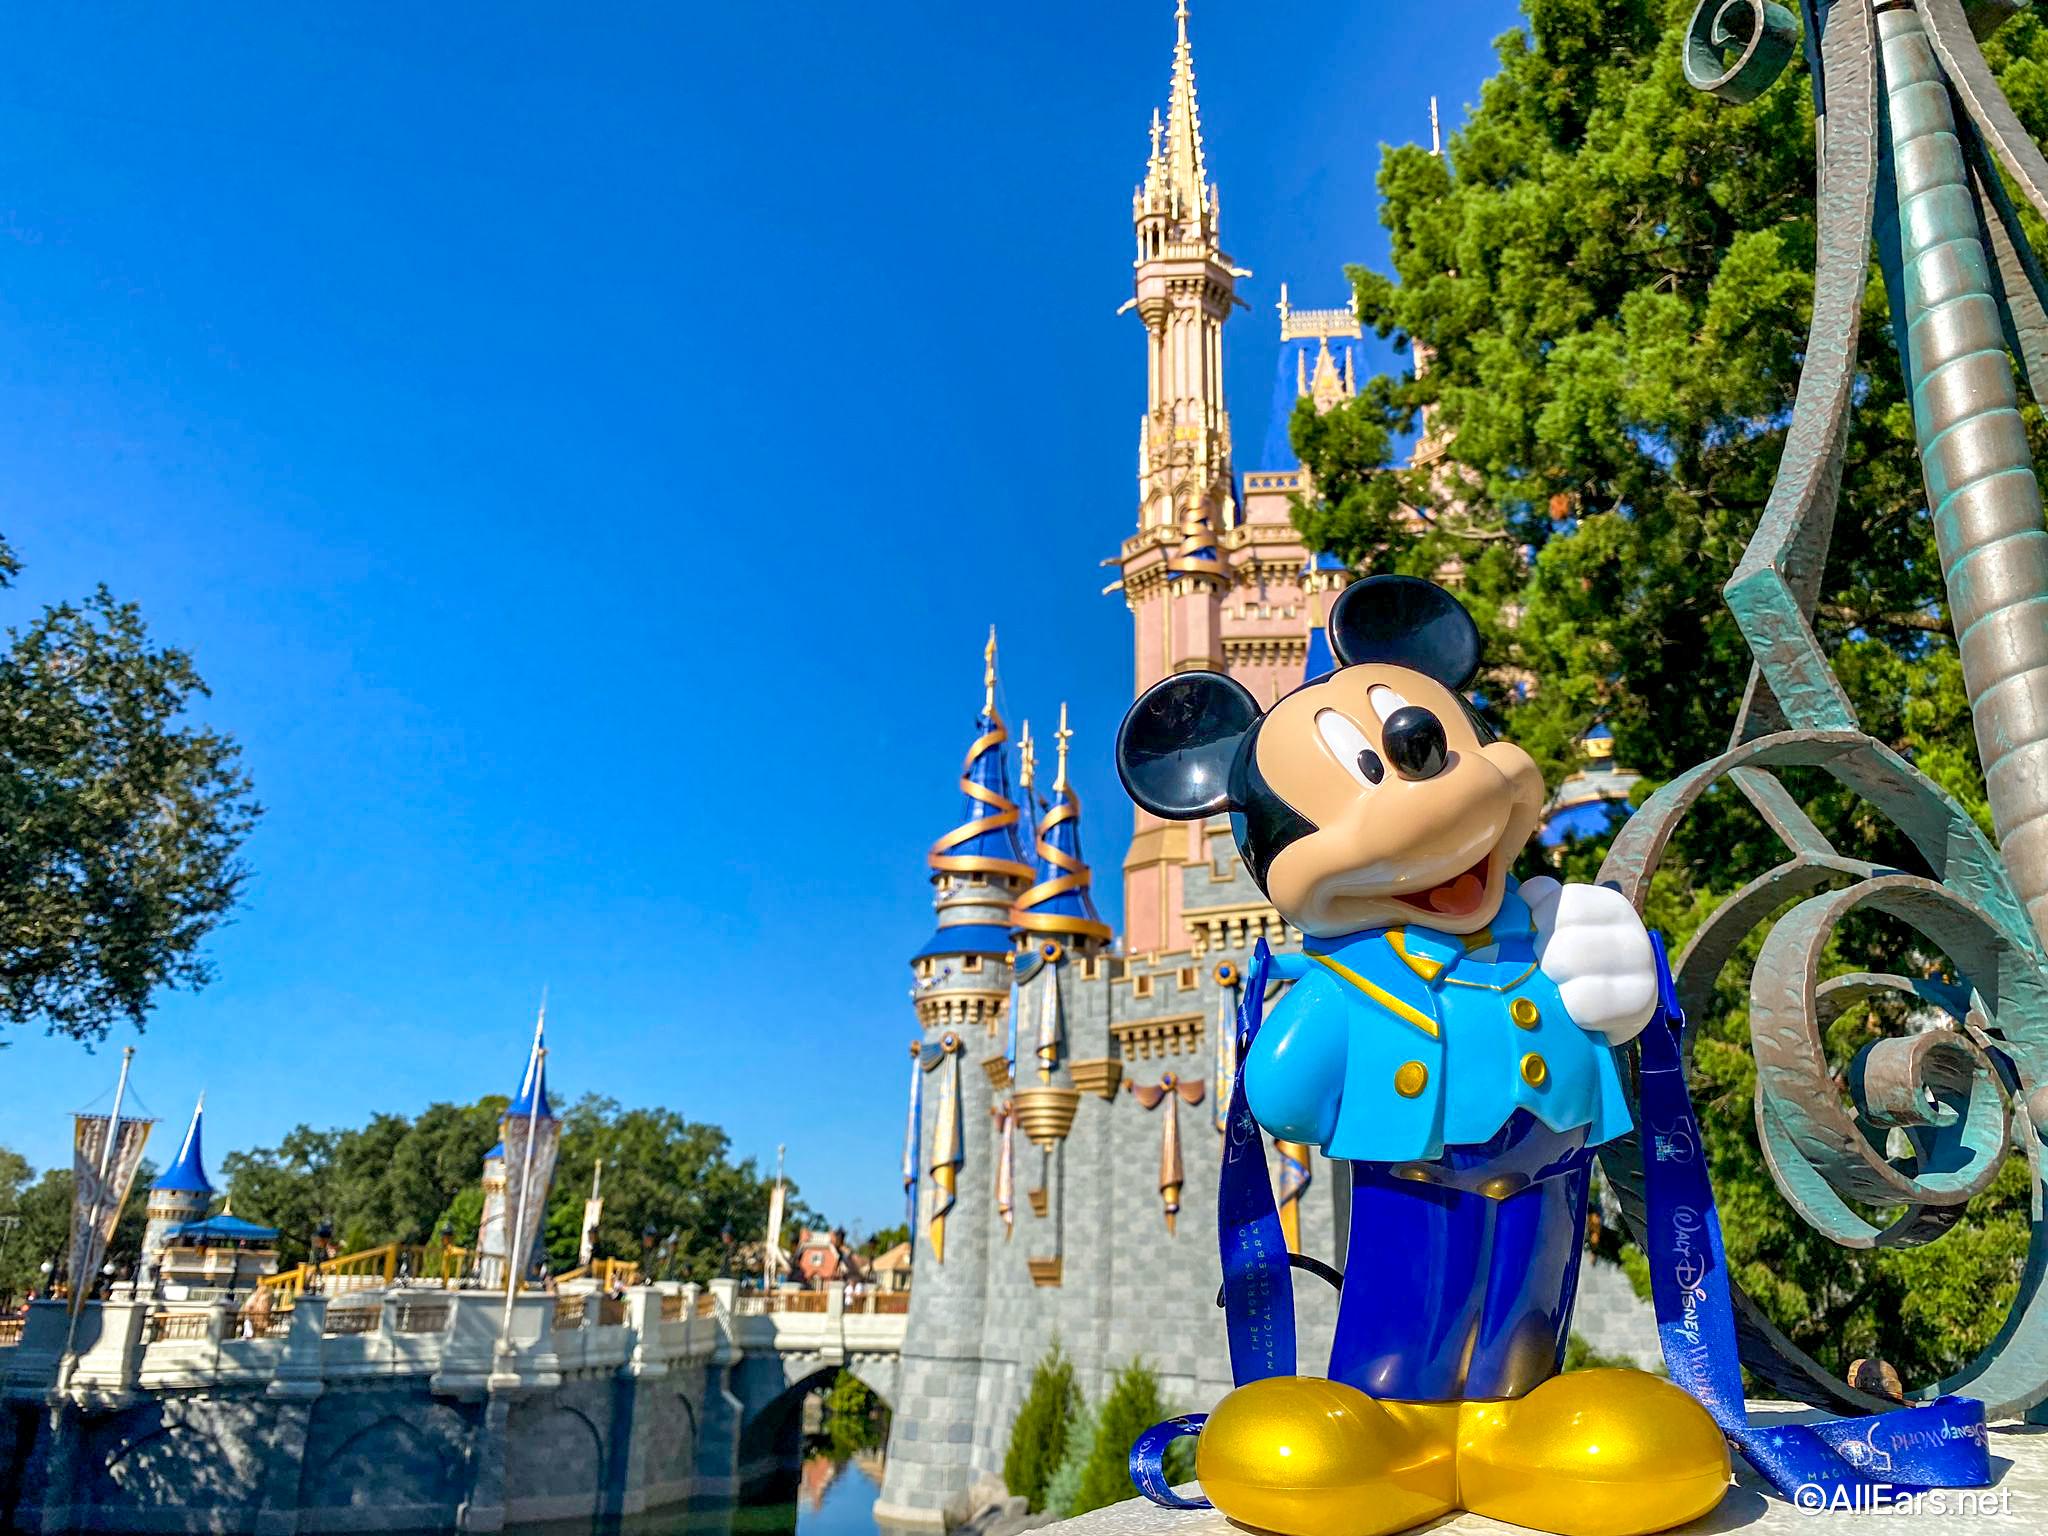 PHOTOS: Mickey Is SUPER Fancy Today in Disney World...As A Popcorn Bucket! - AllEars.Net